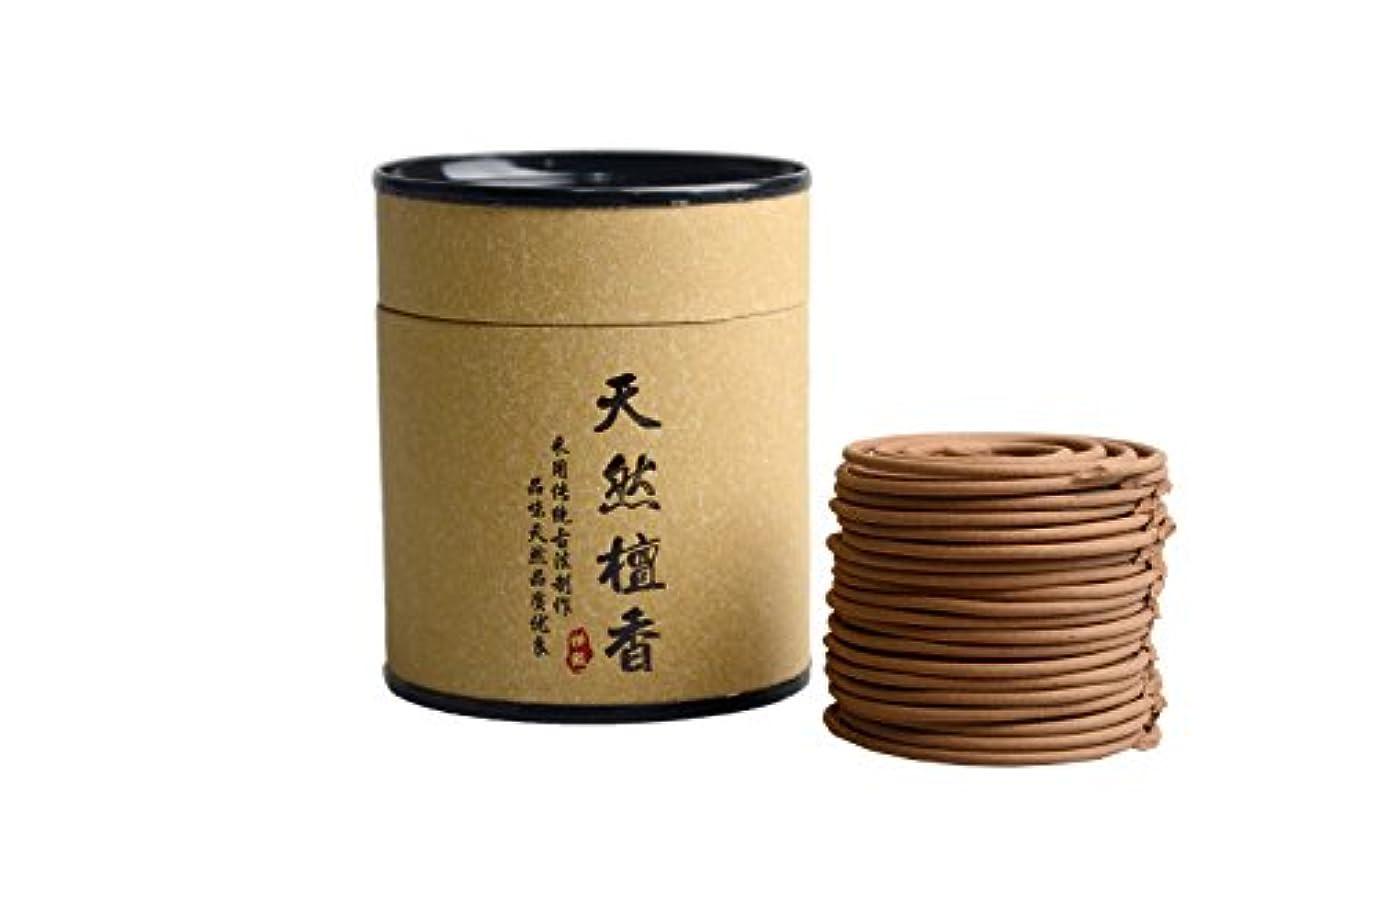 不定配分異形Hwagui お香 白檀 優しい香り 渦巻き線香 2時間盤香 40巻入